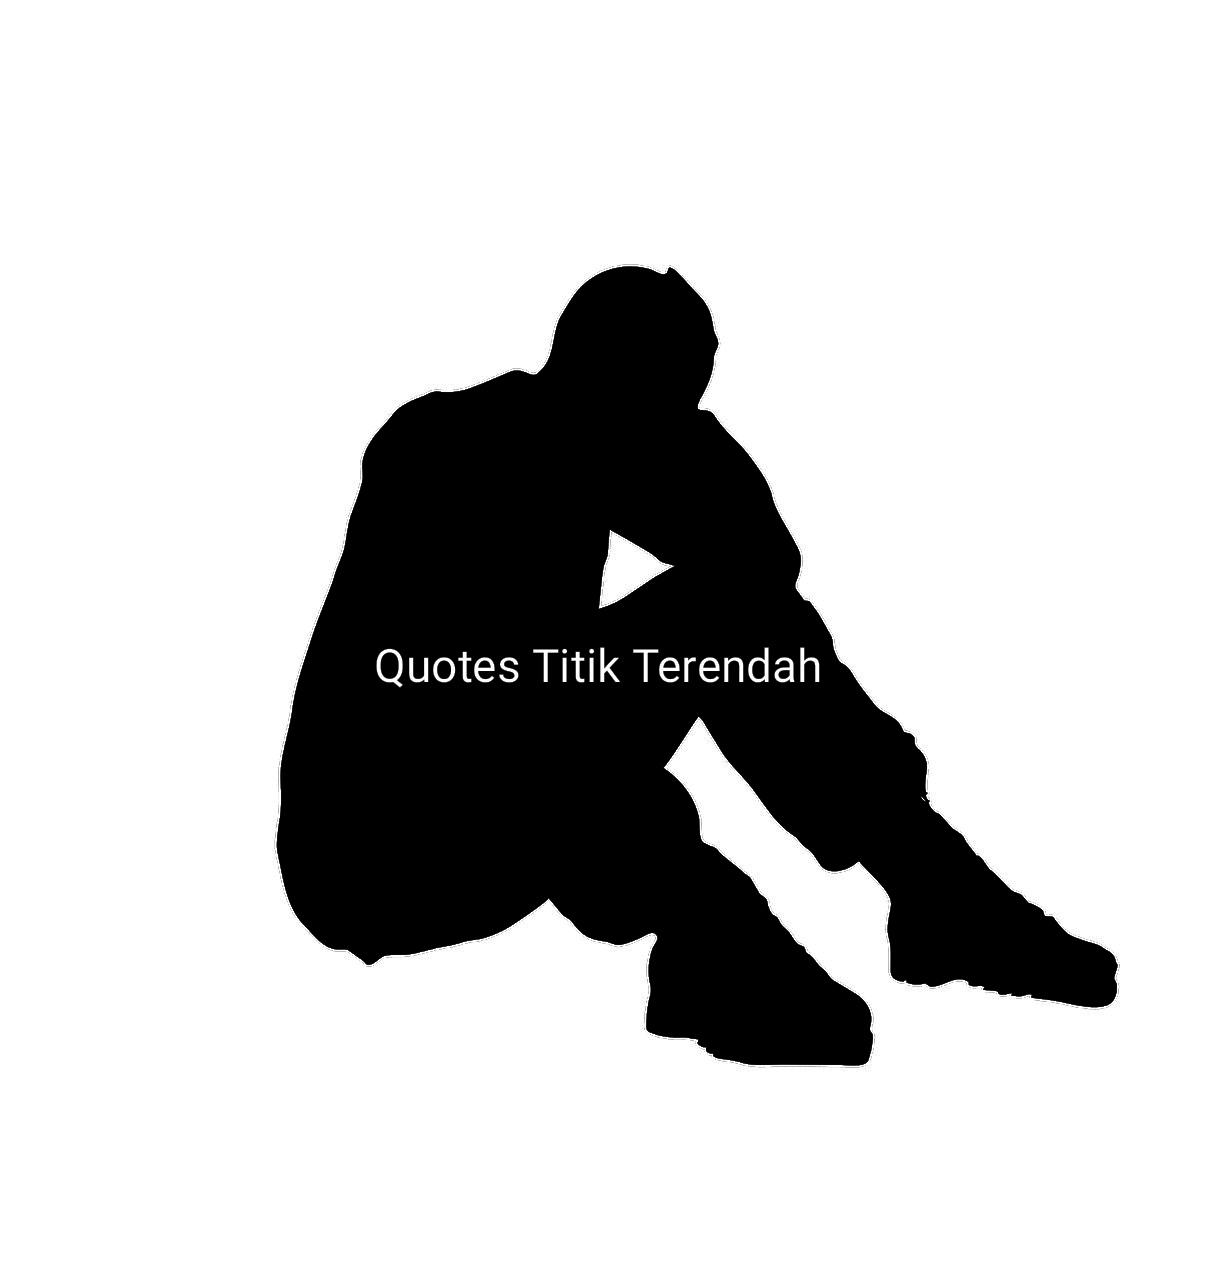 Kata-Kata Quotes Bijak Tentang Titik Terendah Hidup. Memotivasi